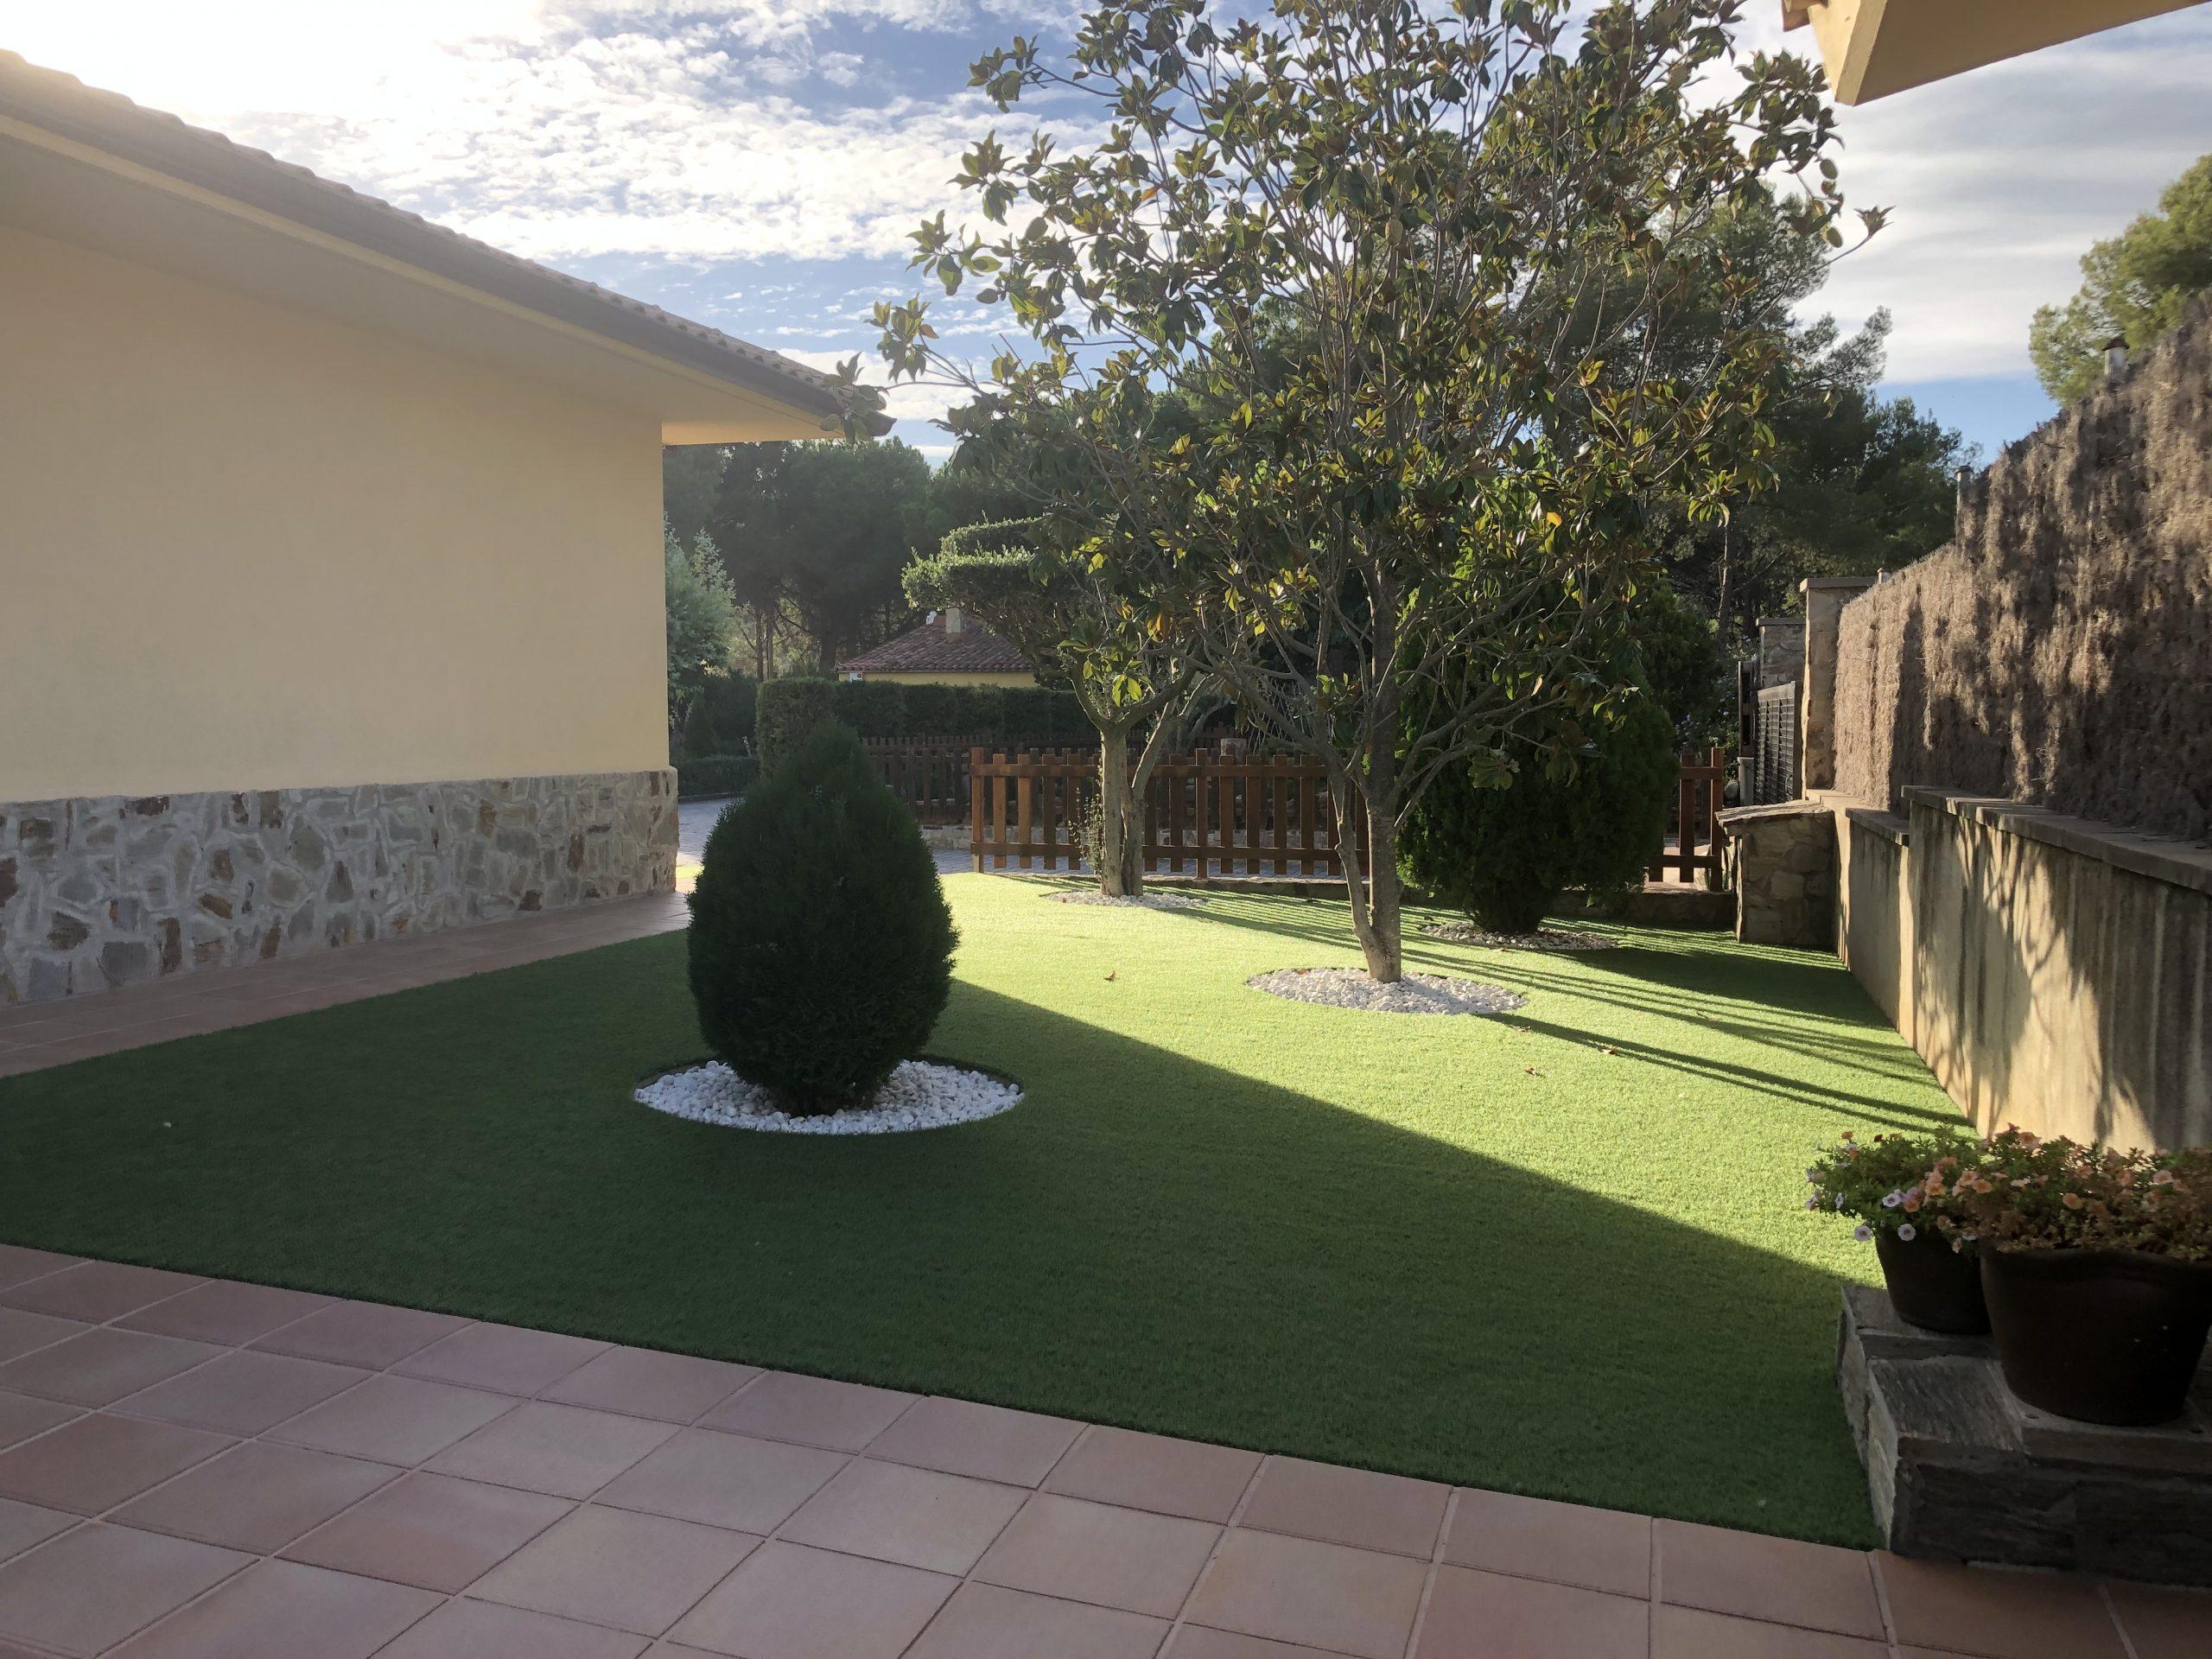 Casa espectacular en una sola planta, con jardín y piscina